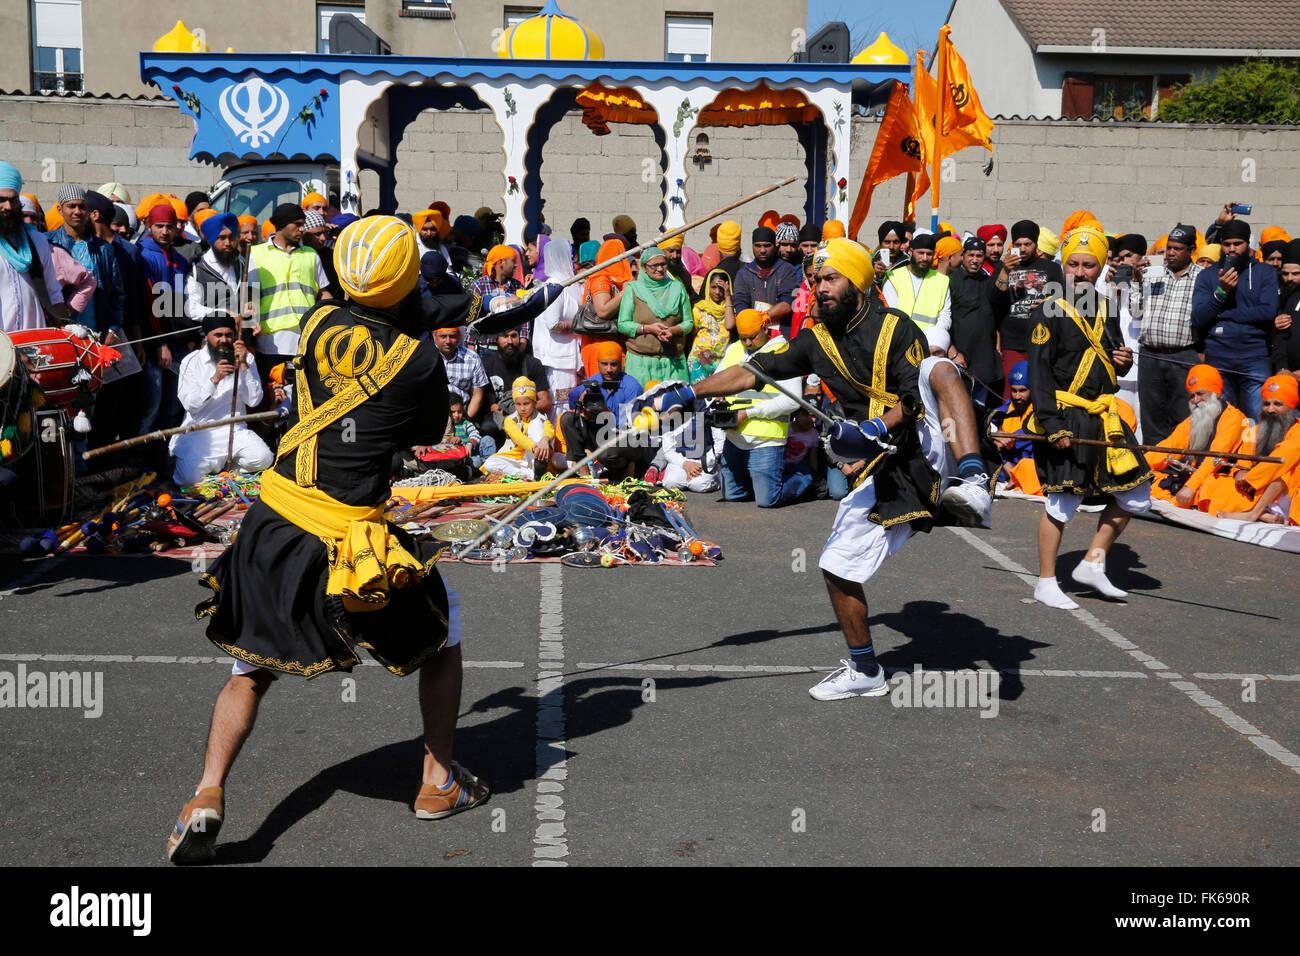 Hola Mohalla, arti marziali durante i sikh anno nuovo, in Bobigny, Francia, Europa Immagini Stock